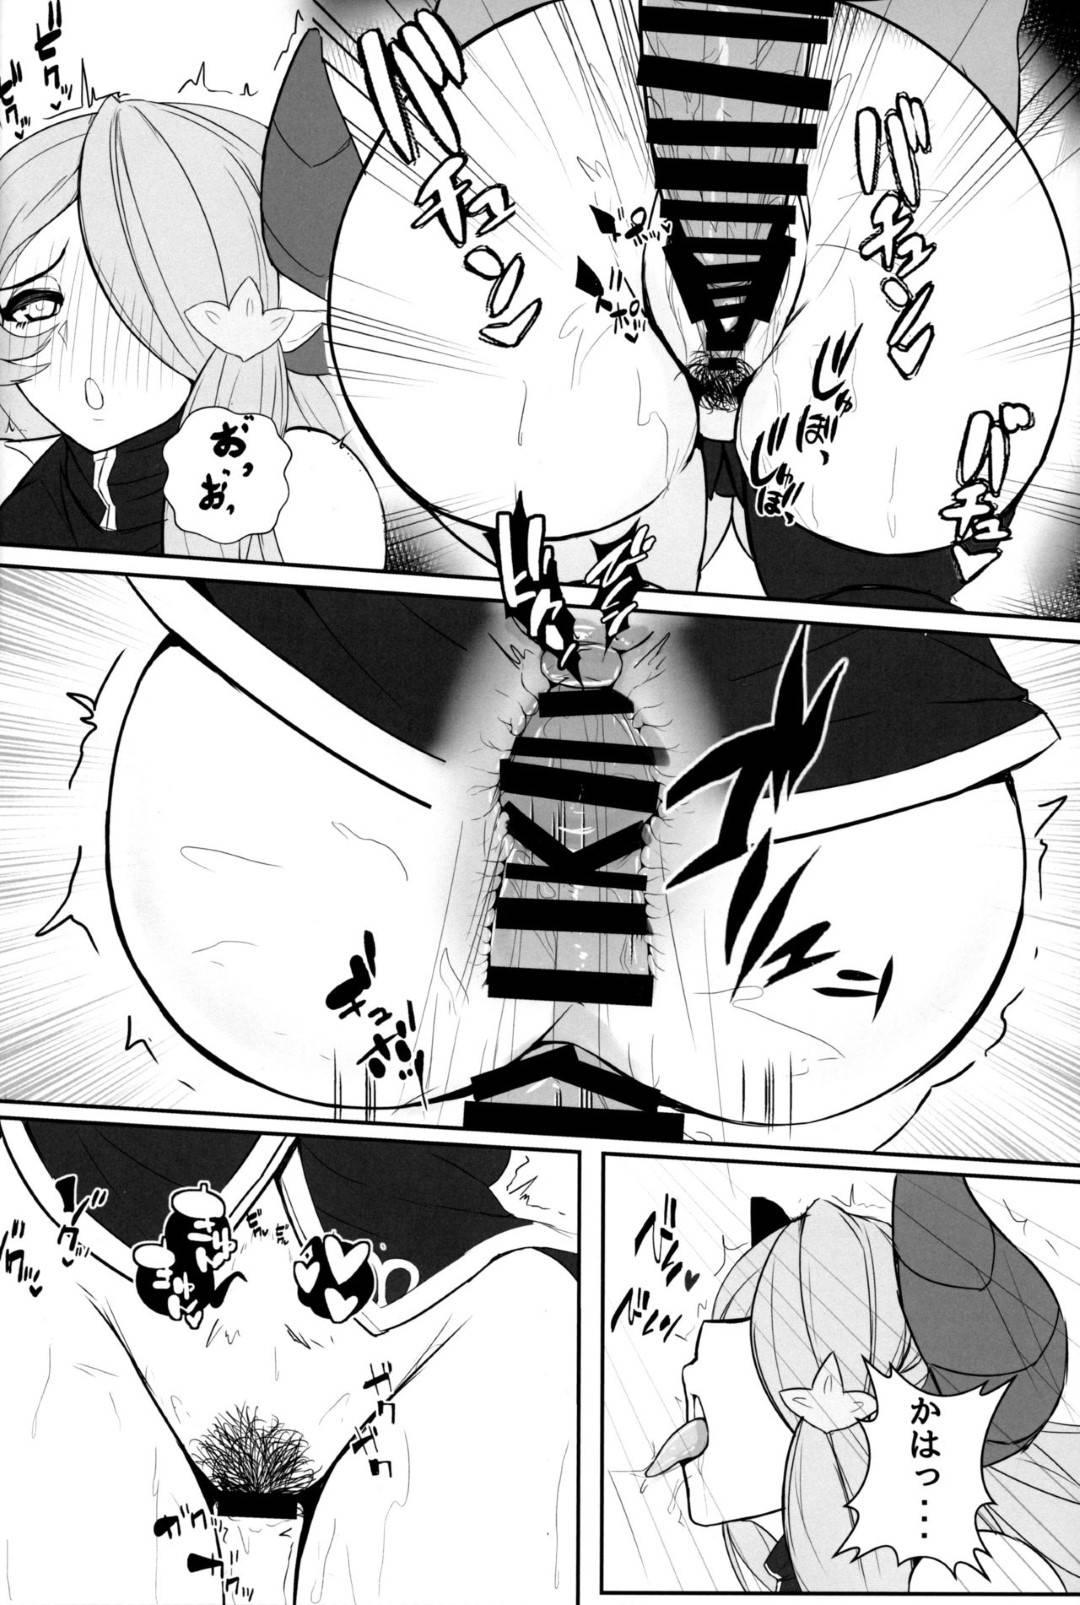 【グラブルエロ漫画】沙雪に突然押し倒されたショタ主人公。ムラムラして仕方ない彼女は服を脱いでショタチンポを爆乳でパイズリして胸圧で大量射精させ、濡れ濡れまんこに生挿入をおねだり!【Lunatic*Maiden】